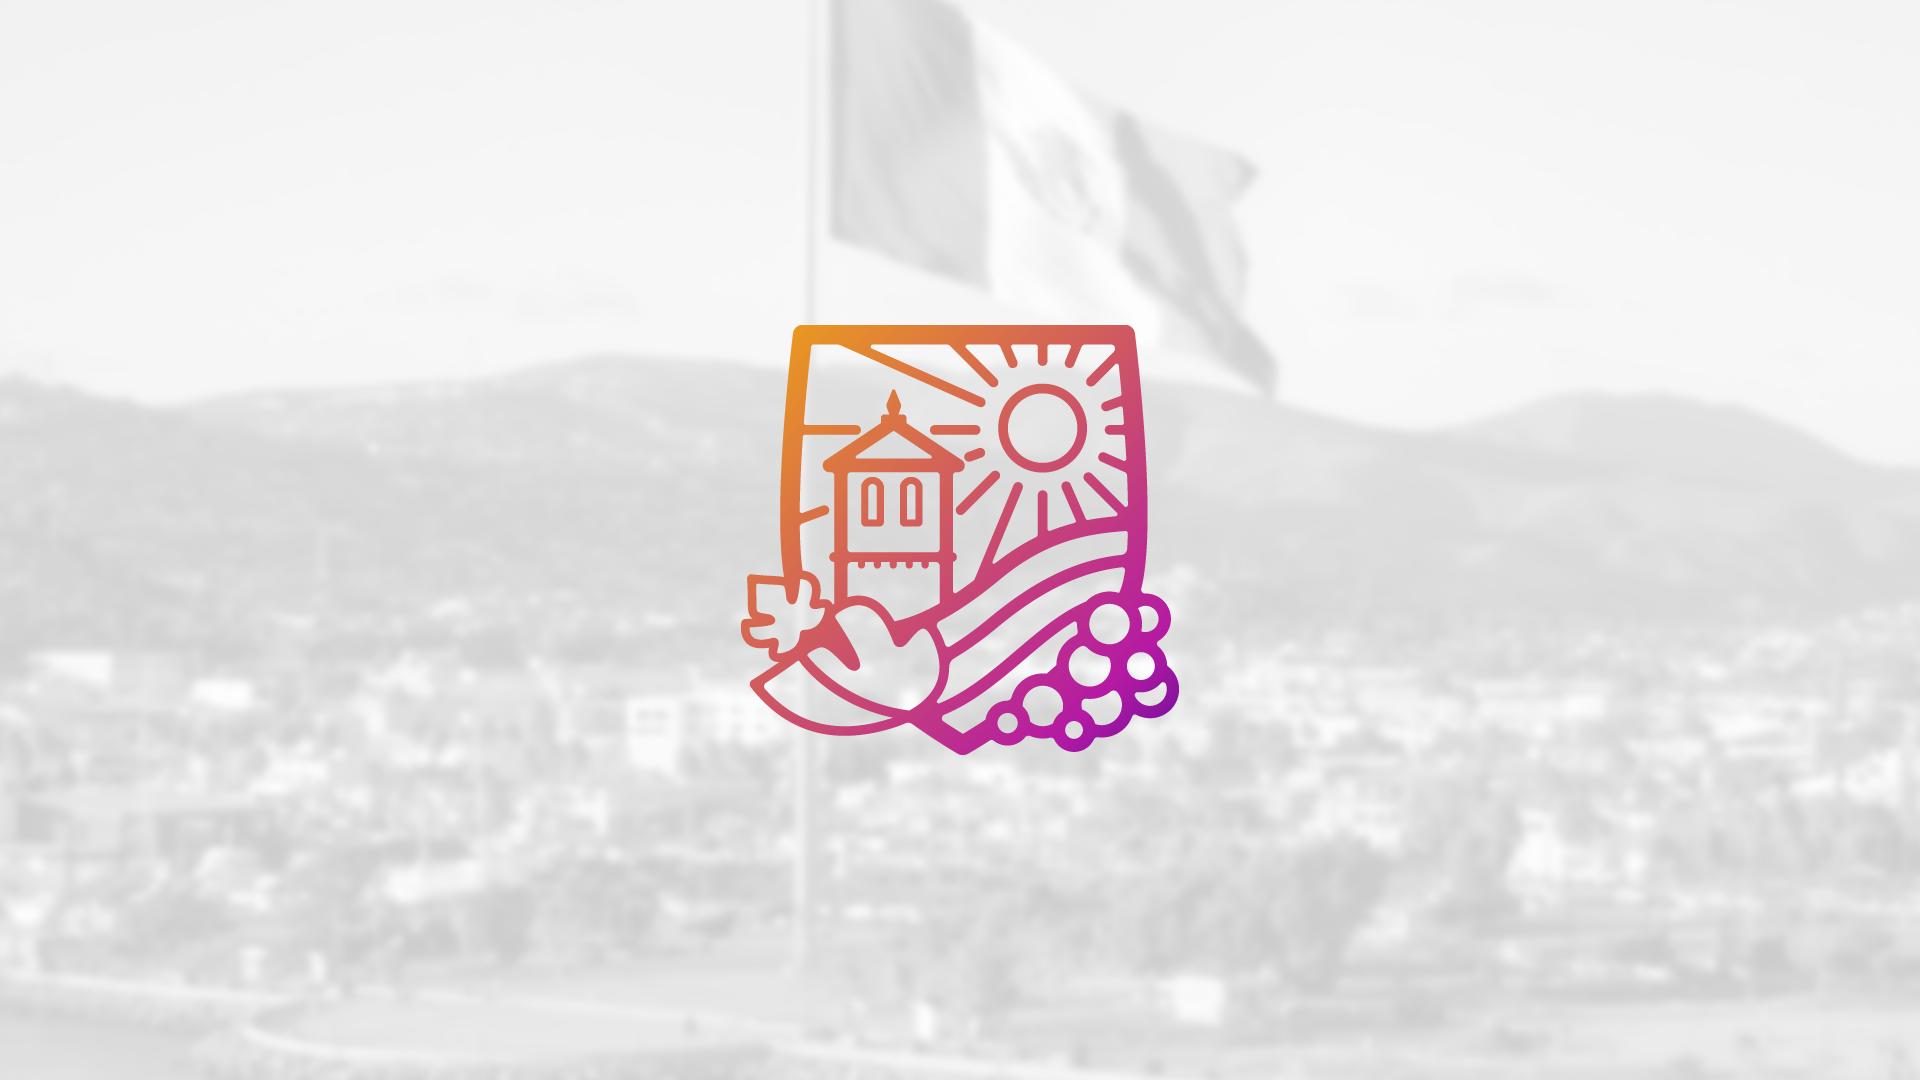 Logos-Daniel_Niebla-04.png